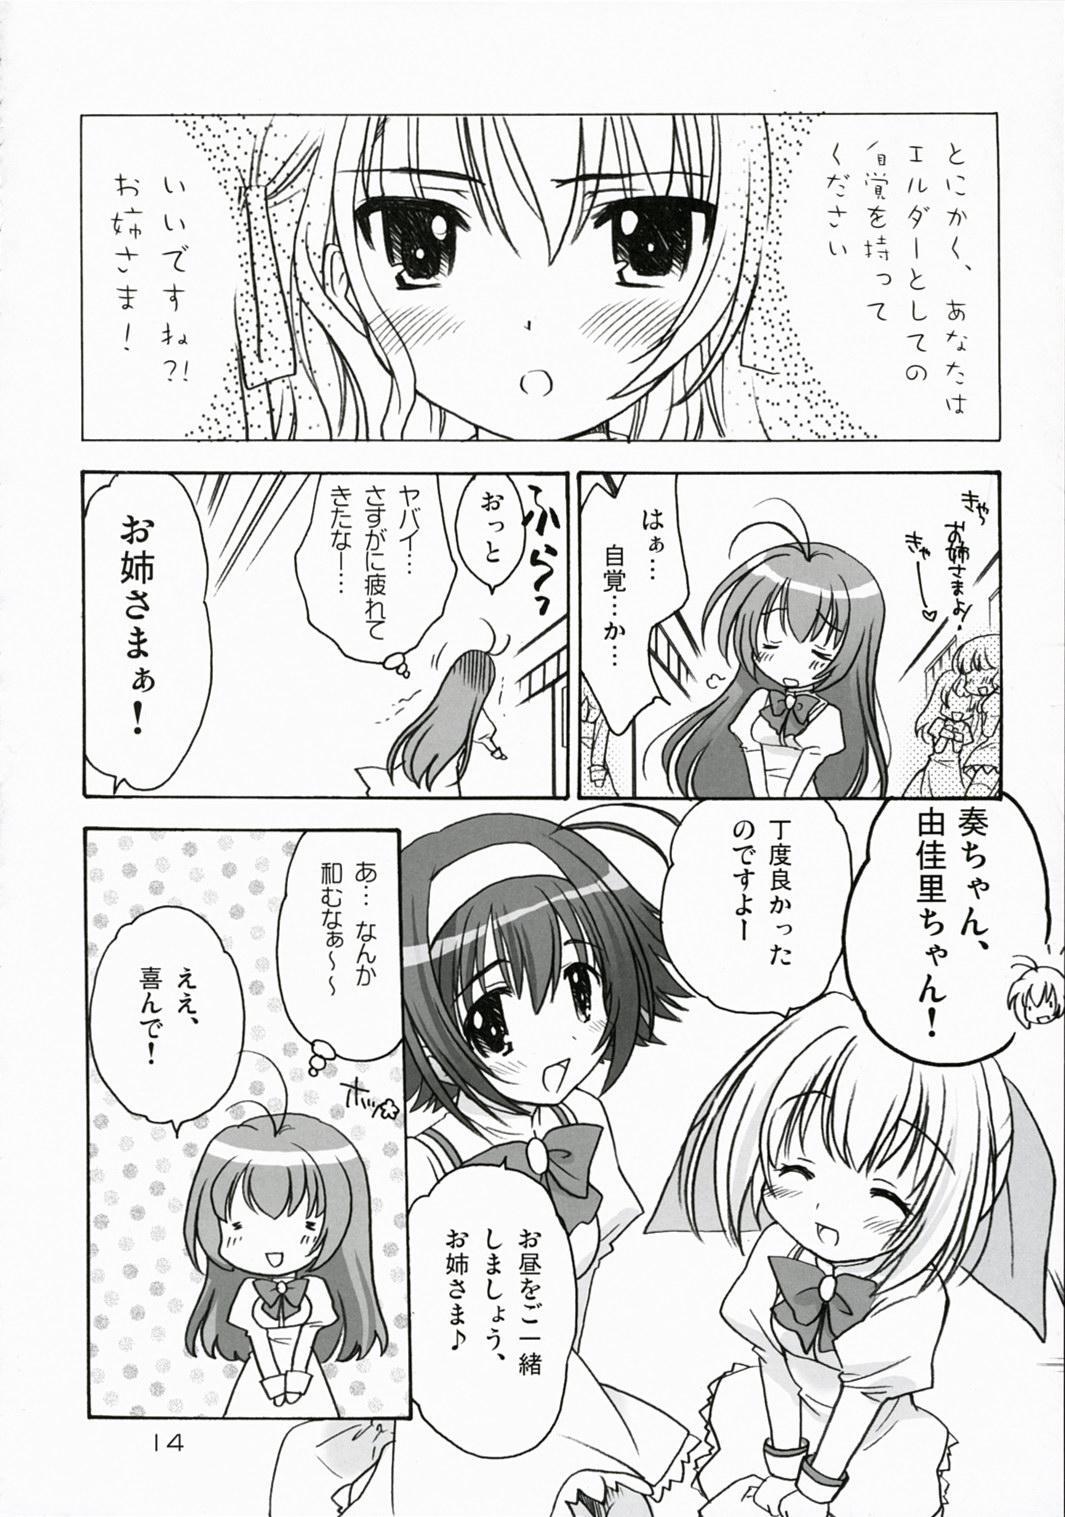 Elder ni onegai! 12